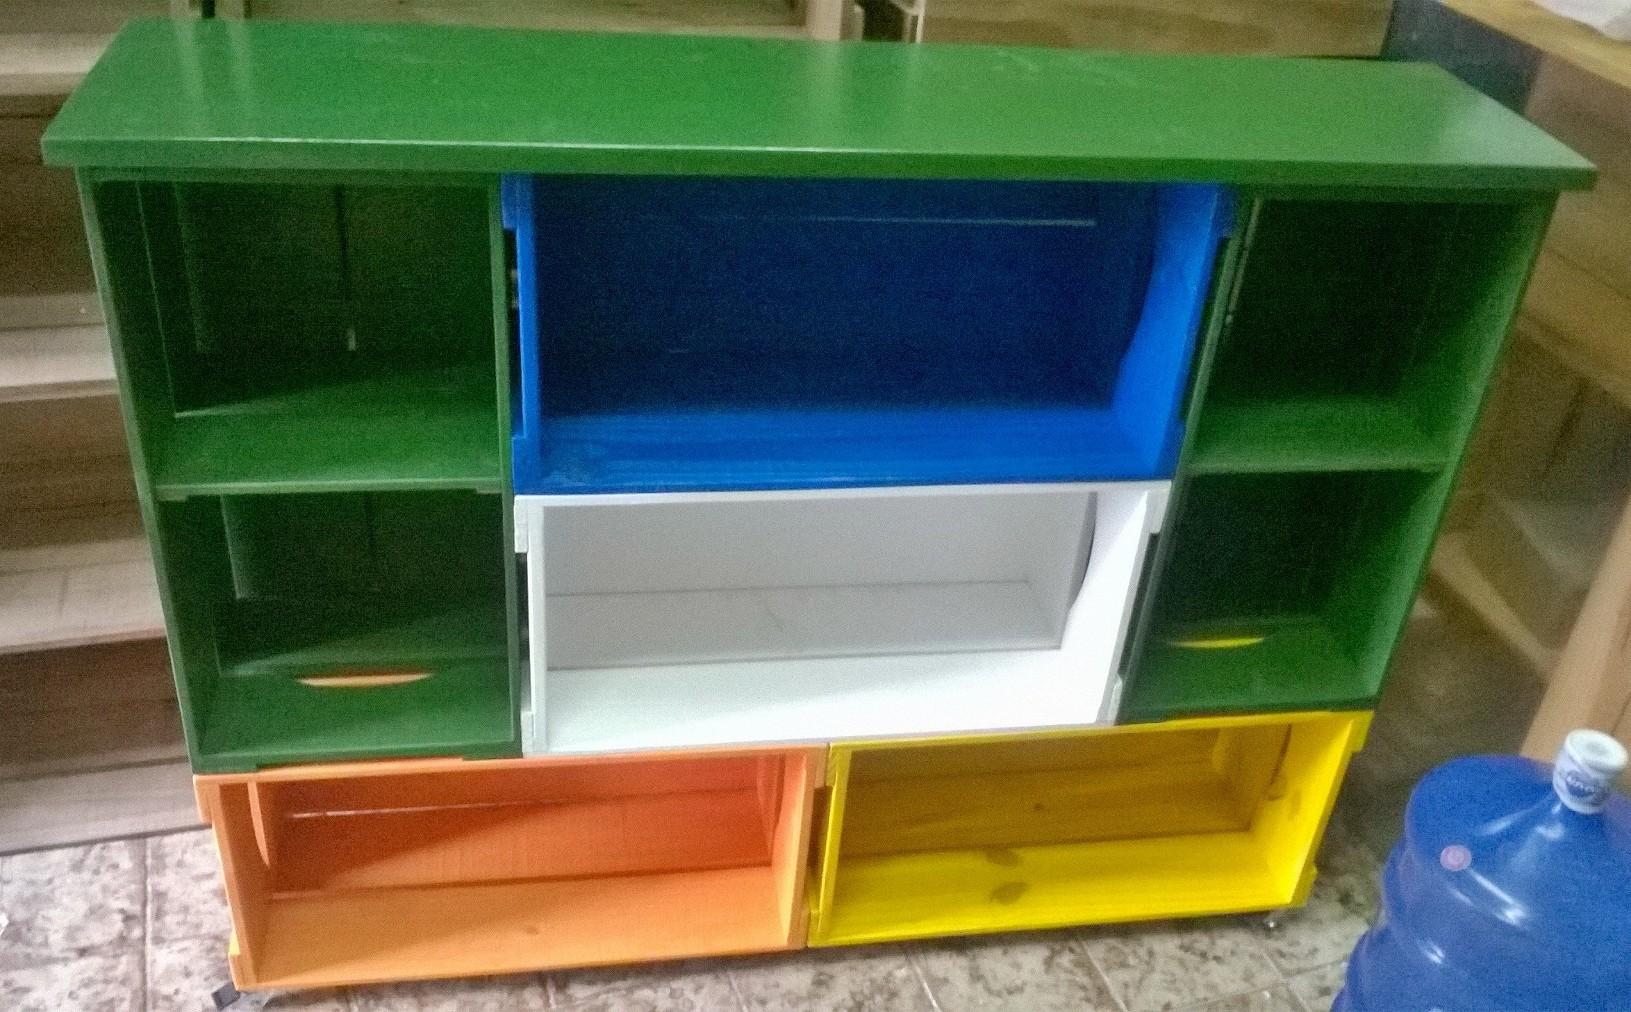 decoracao cozinha flat : decoracao cozinha flat:seu endereço de email não será publicado Campos obrigatórios